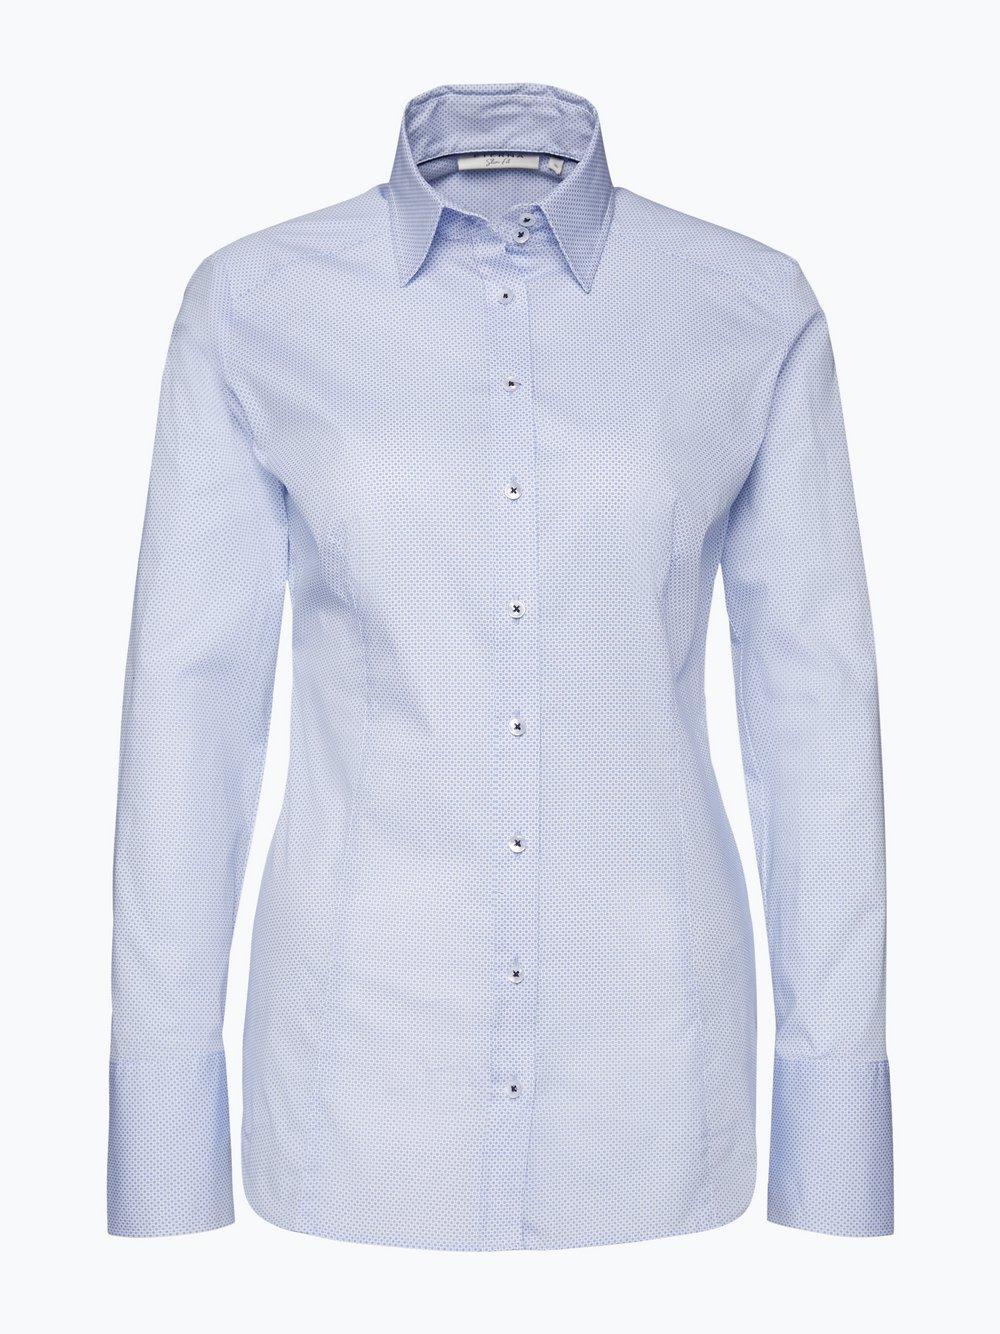 Eterna Slim Fit Damen Bluse Bügelleicht hellblau blau gemustert ... b686c96ced